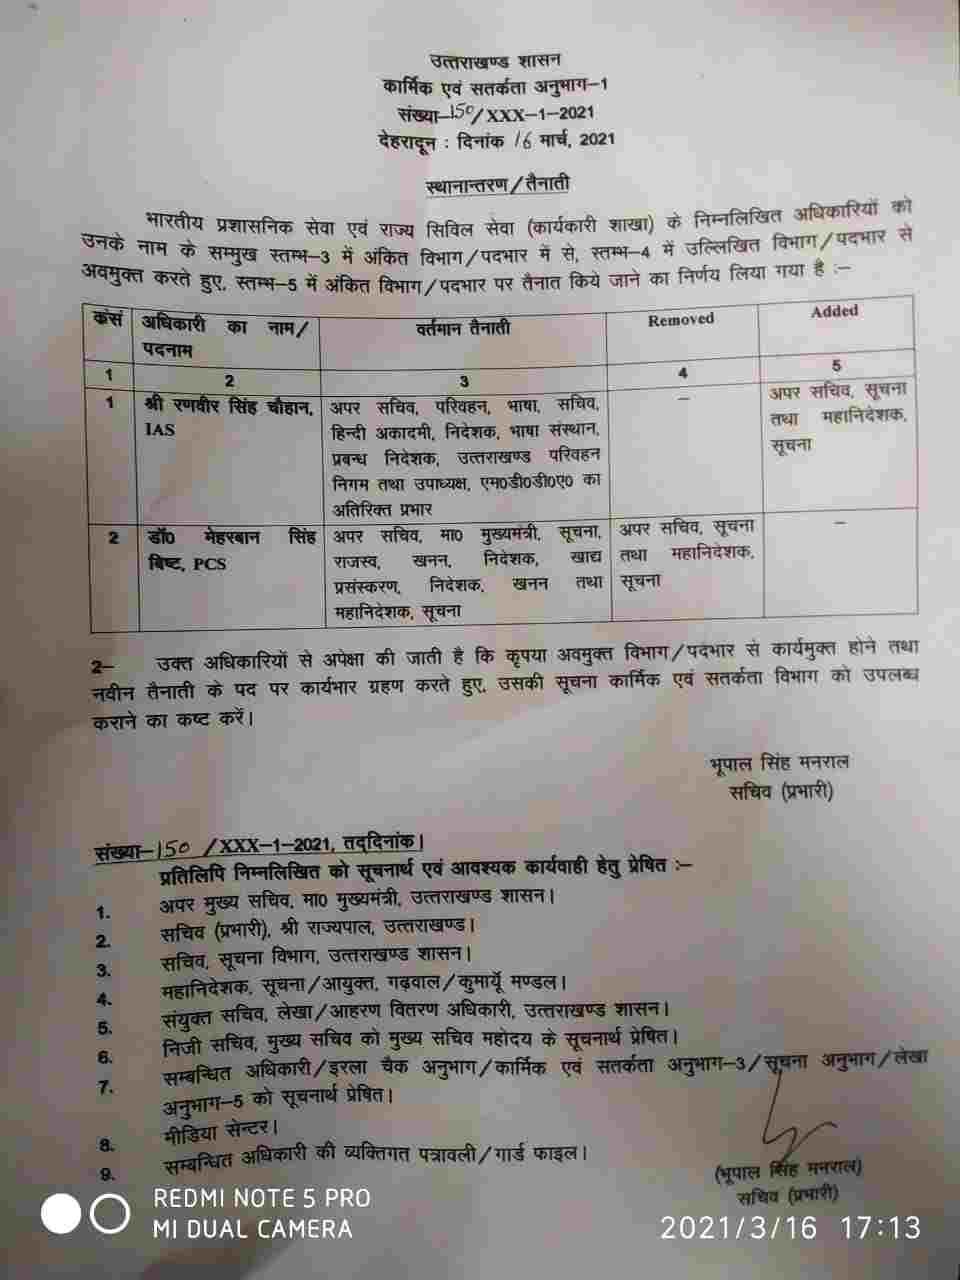 मुख्यमंत्री ने सौंपी आईएएस रणवीर सिंह चौहान को अहम जिम्मेदारी 2